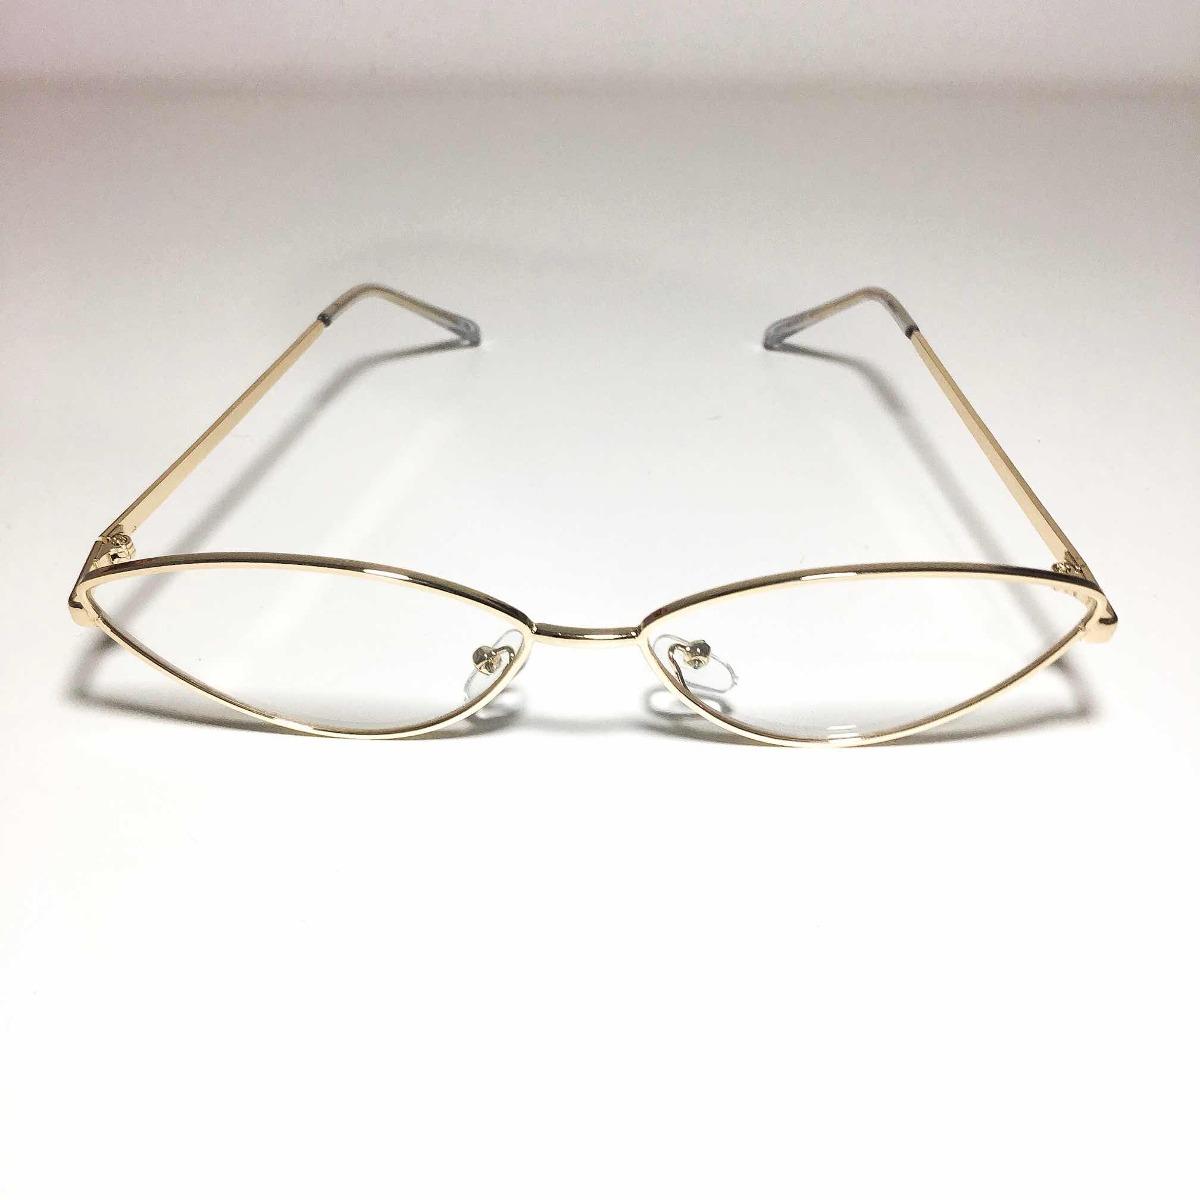 ffc072ec85f1f armação óculos gatinho retro vintage anos 90 dourado. Carregando zoom.